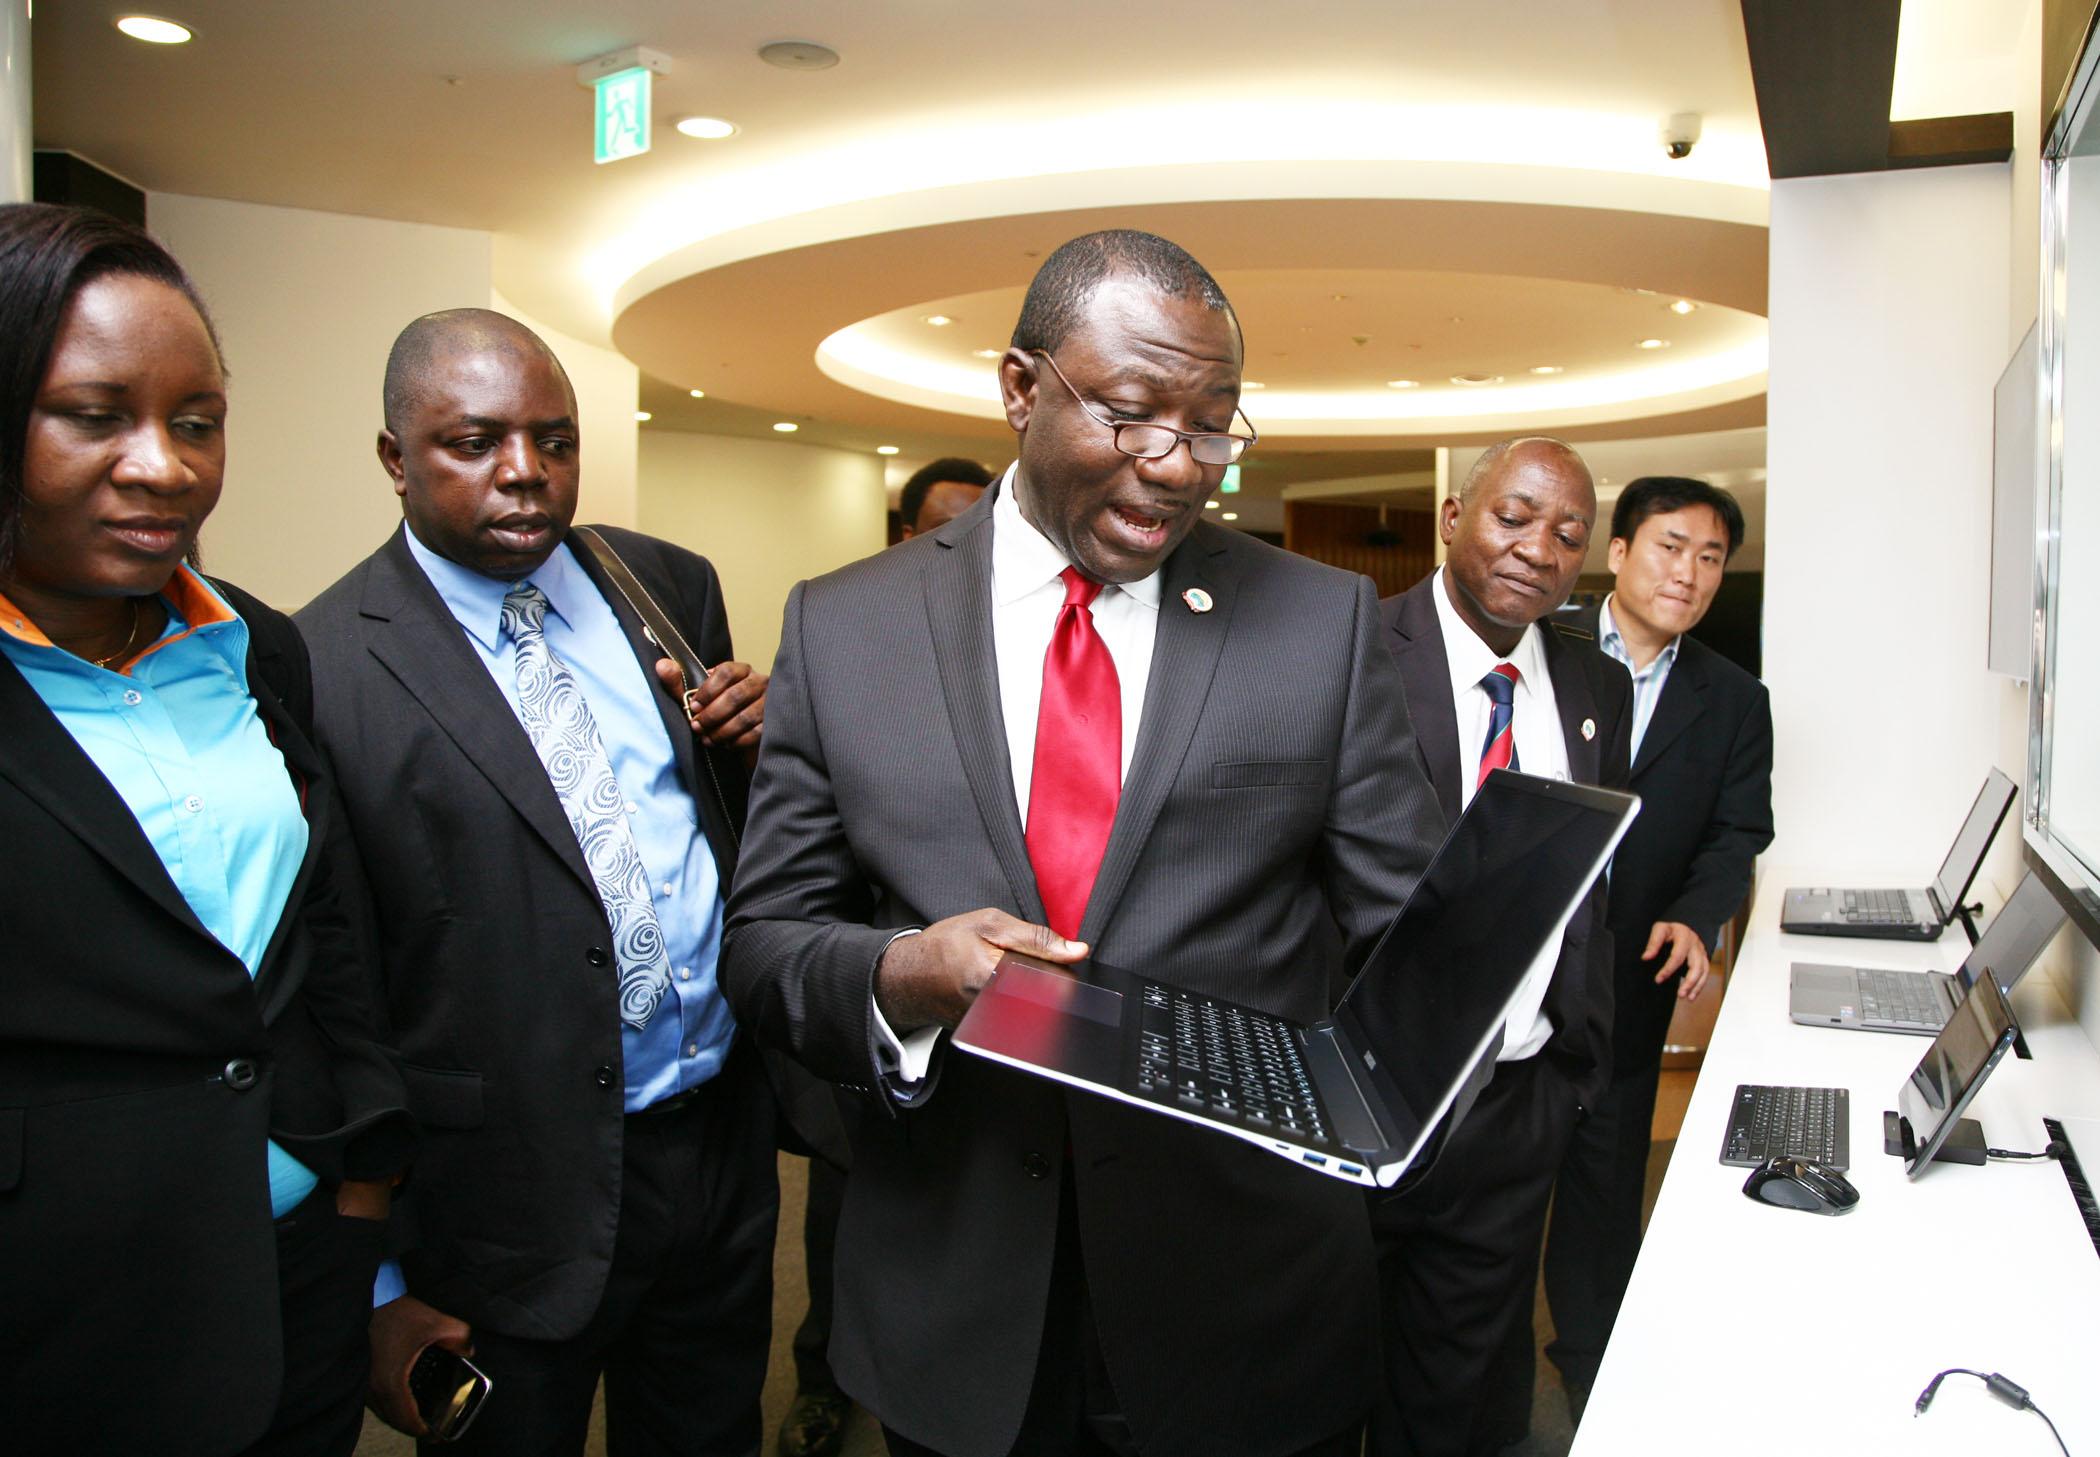 삼성노트북을 보고 있는 나이지리아 정부